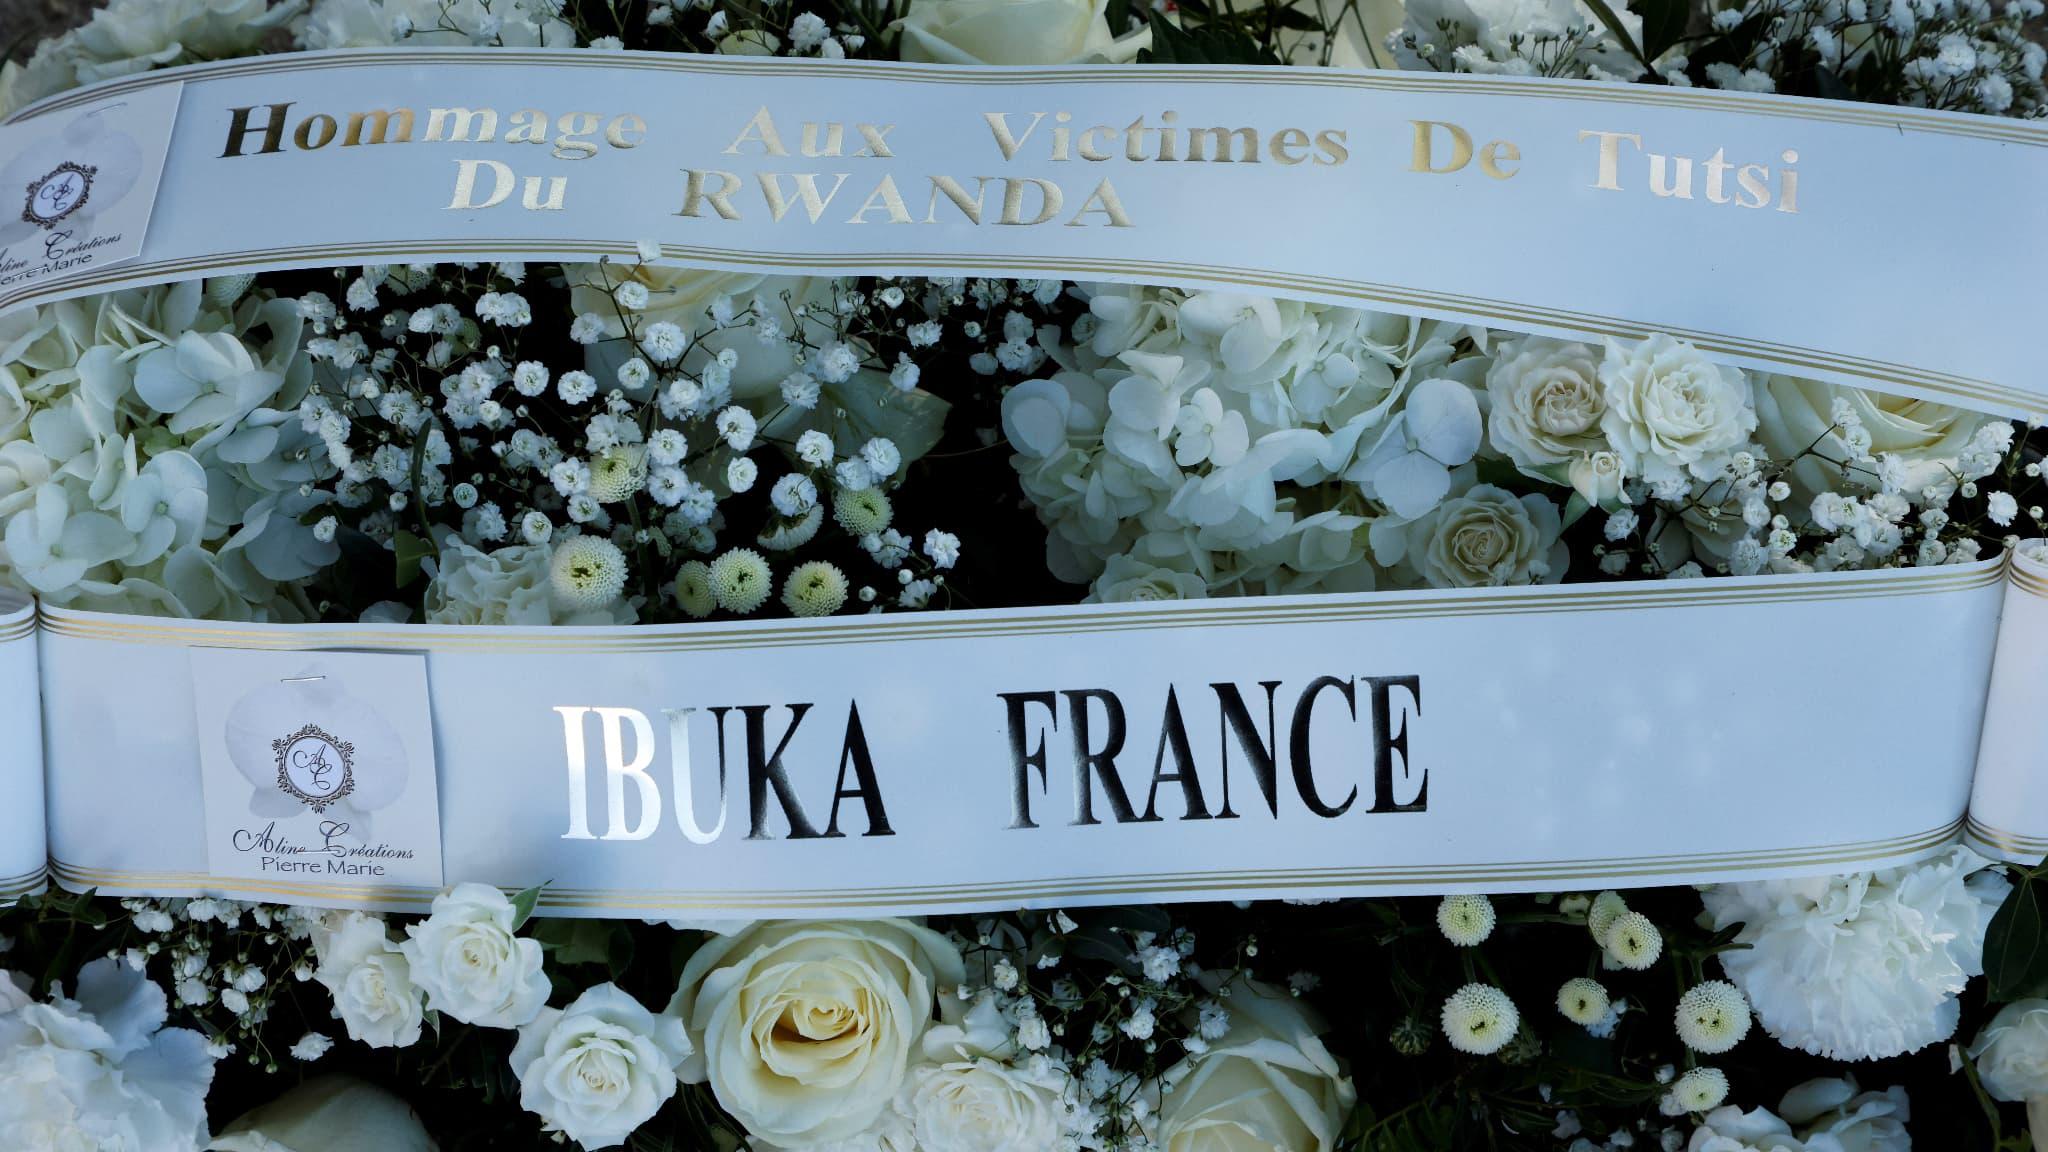 Un rapport rwandais affirme que la France «porte une lourde responsabilité» dans le génocide